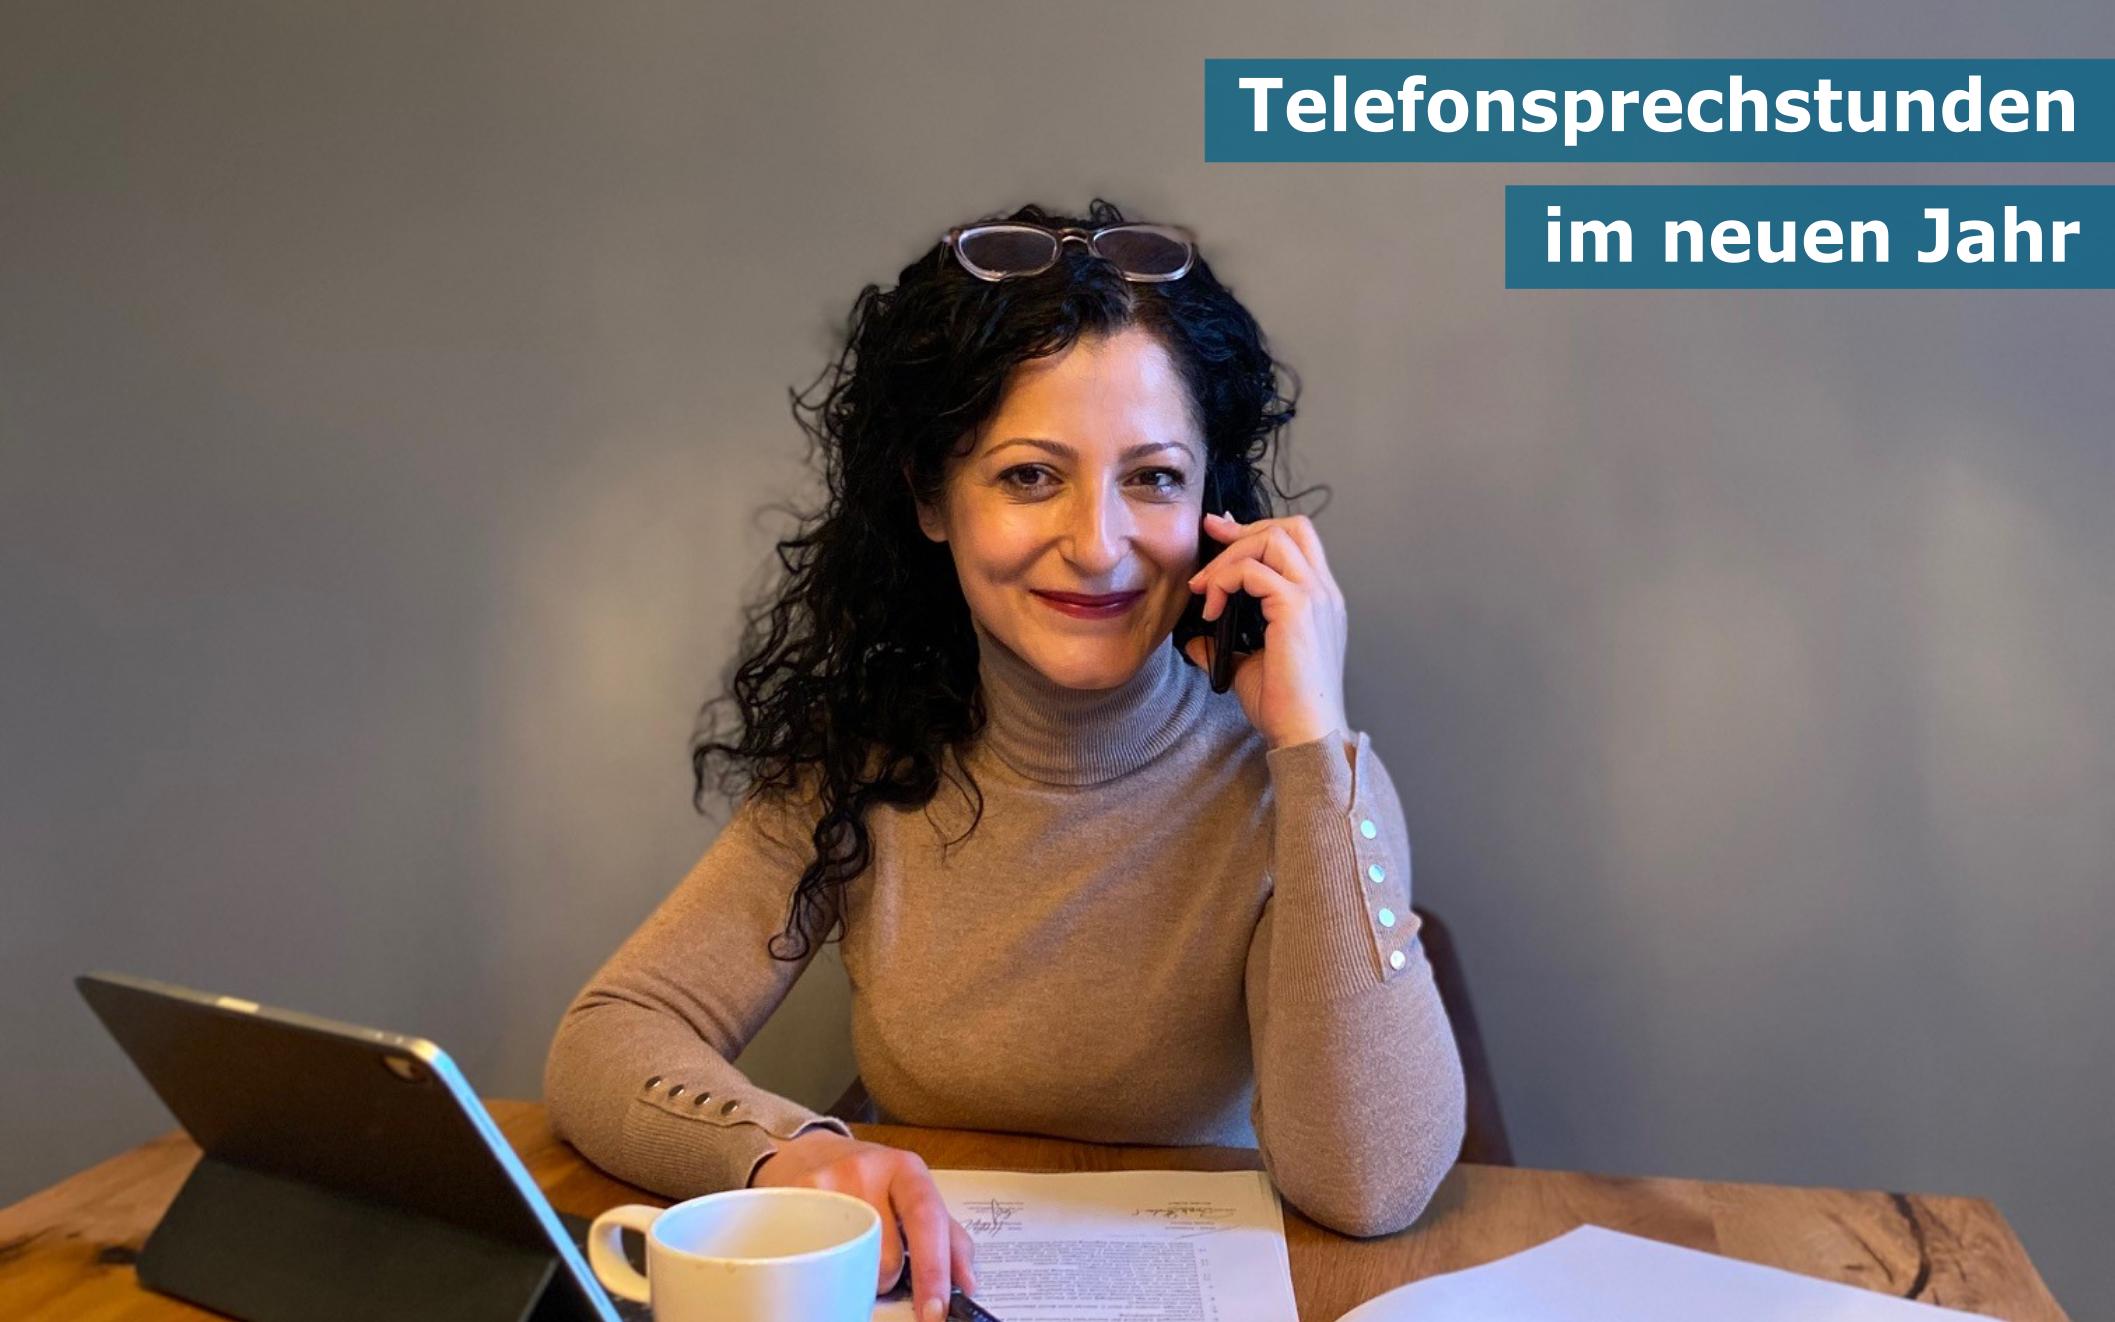 Telefonsprechstunden im neuen Jahr: Lasst uns reden!